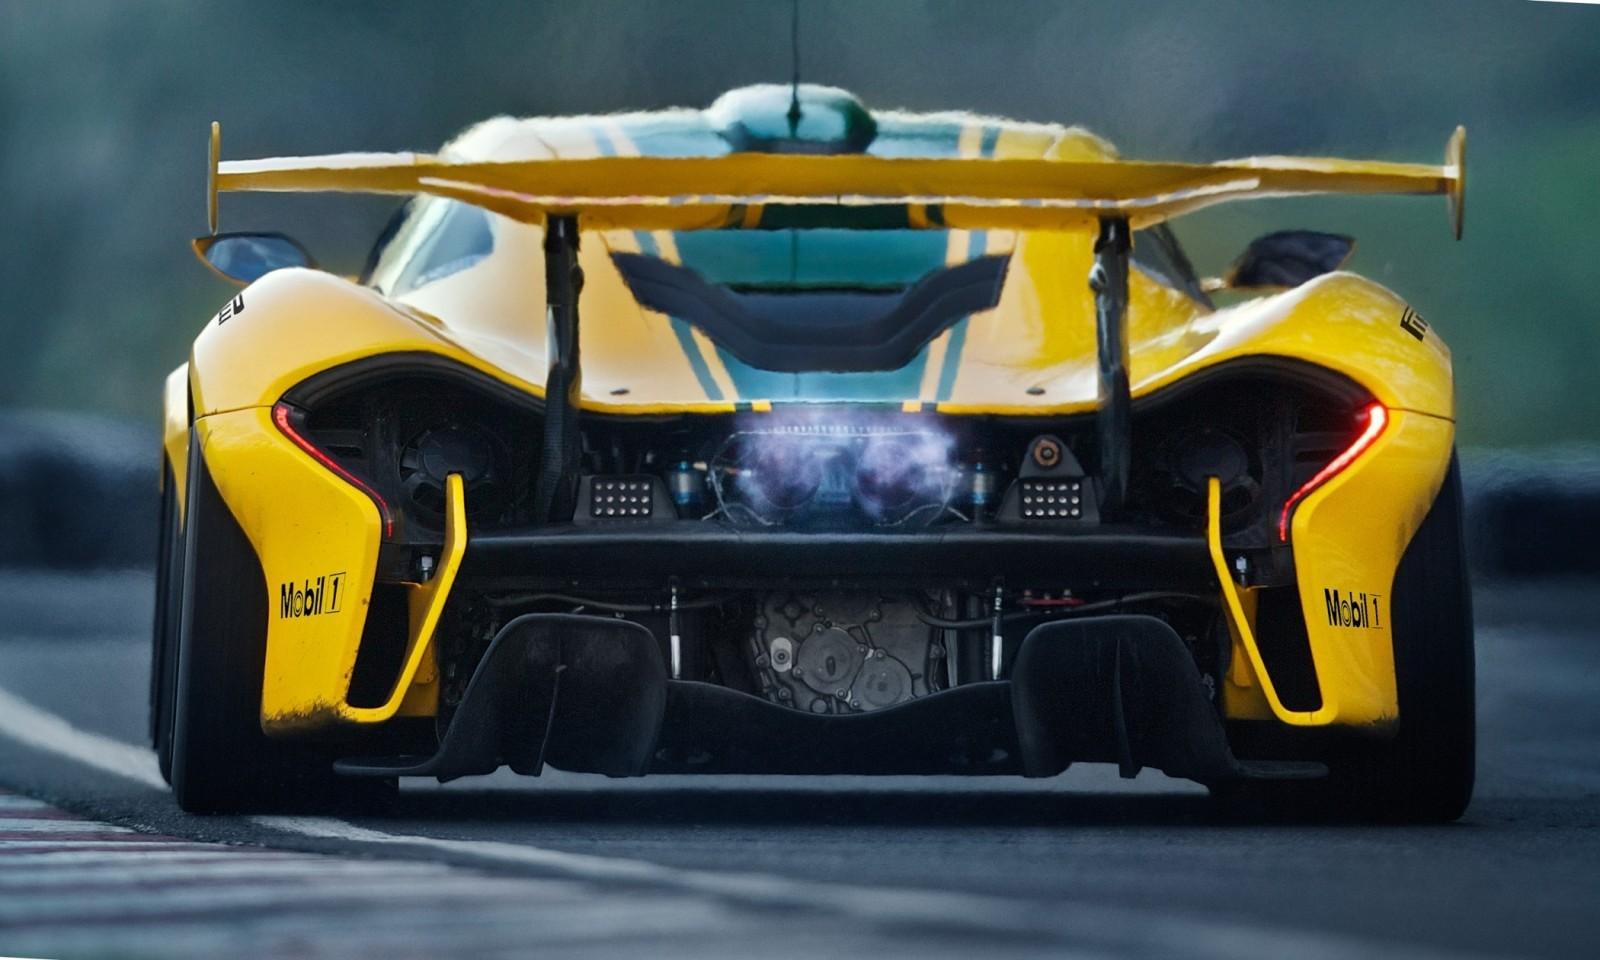 2016 McLaren P1 GTR Yellow 18